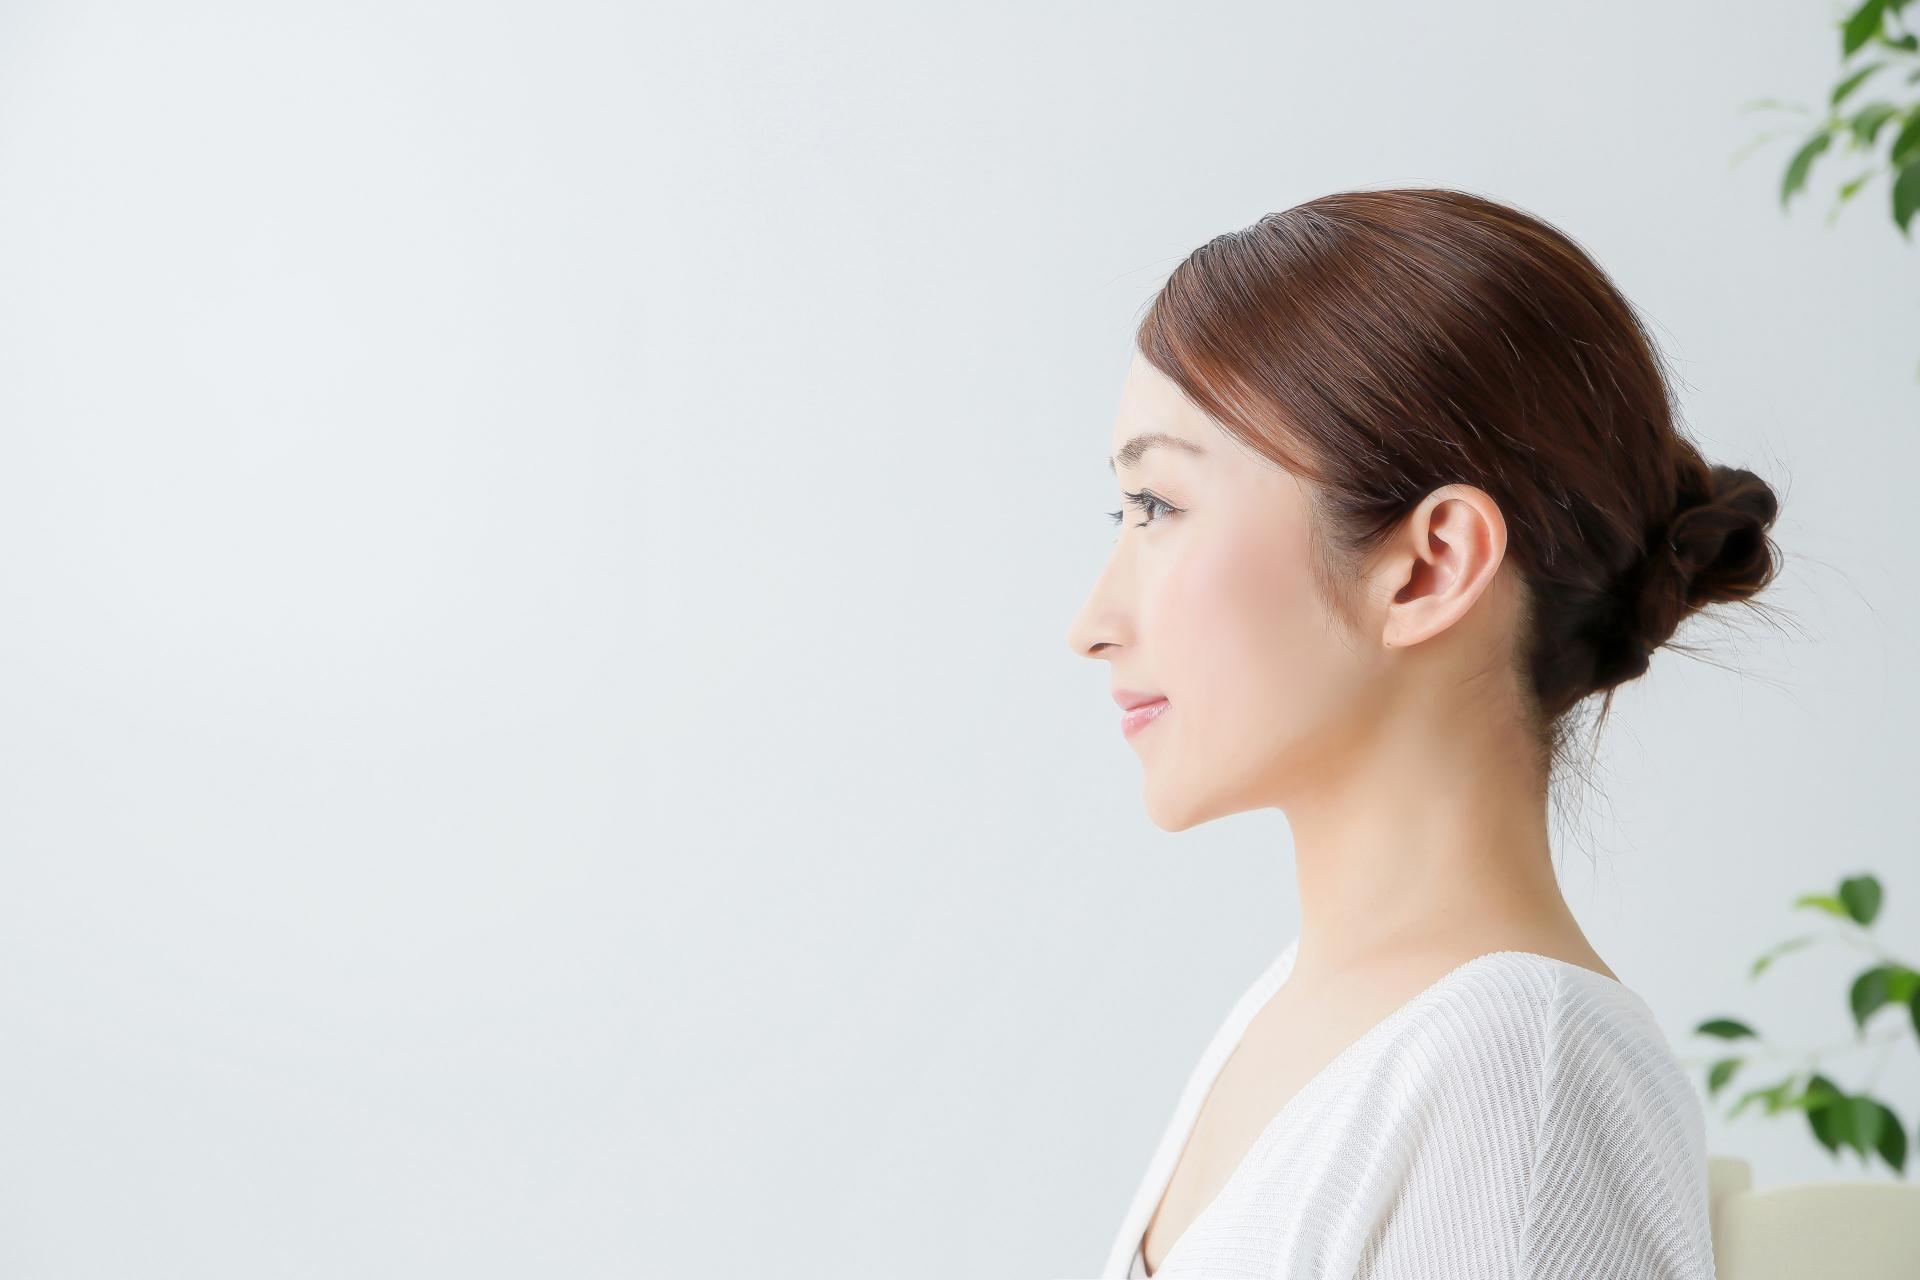 第一印象がきまる「キレイな姿勢」 – 大人女子の美容WEBメディア ...